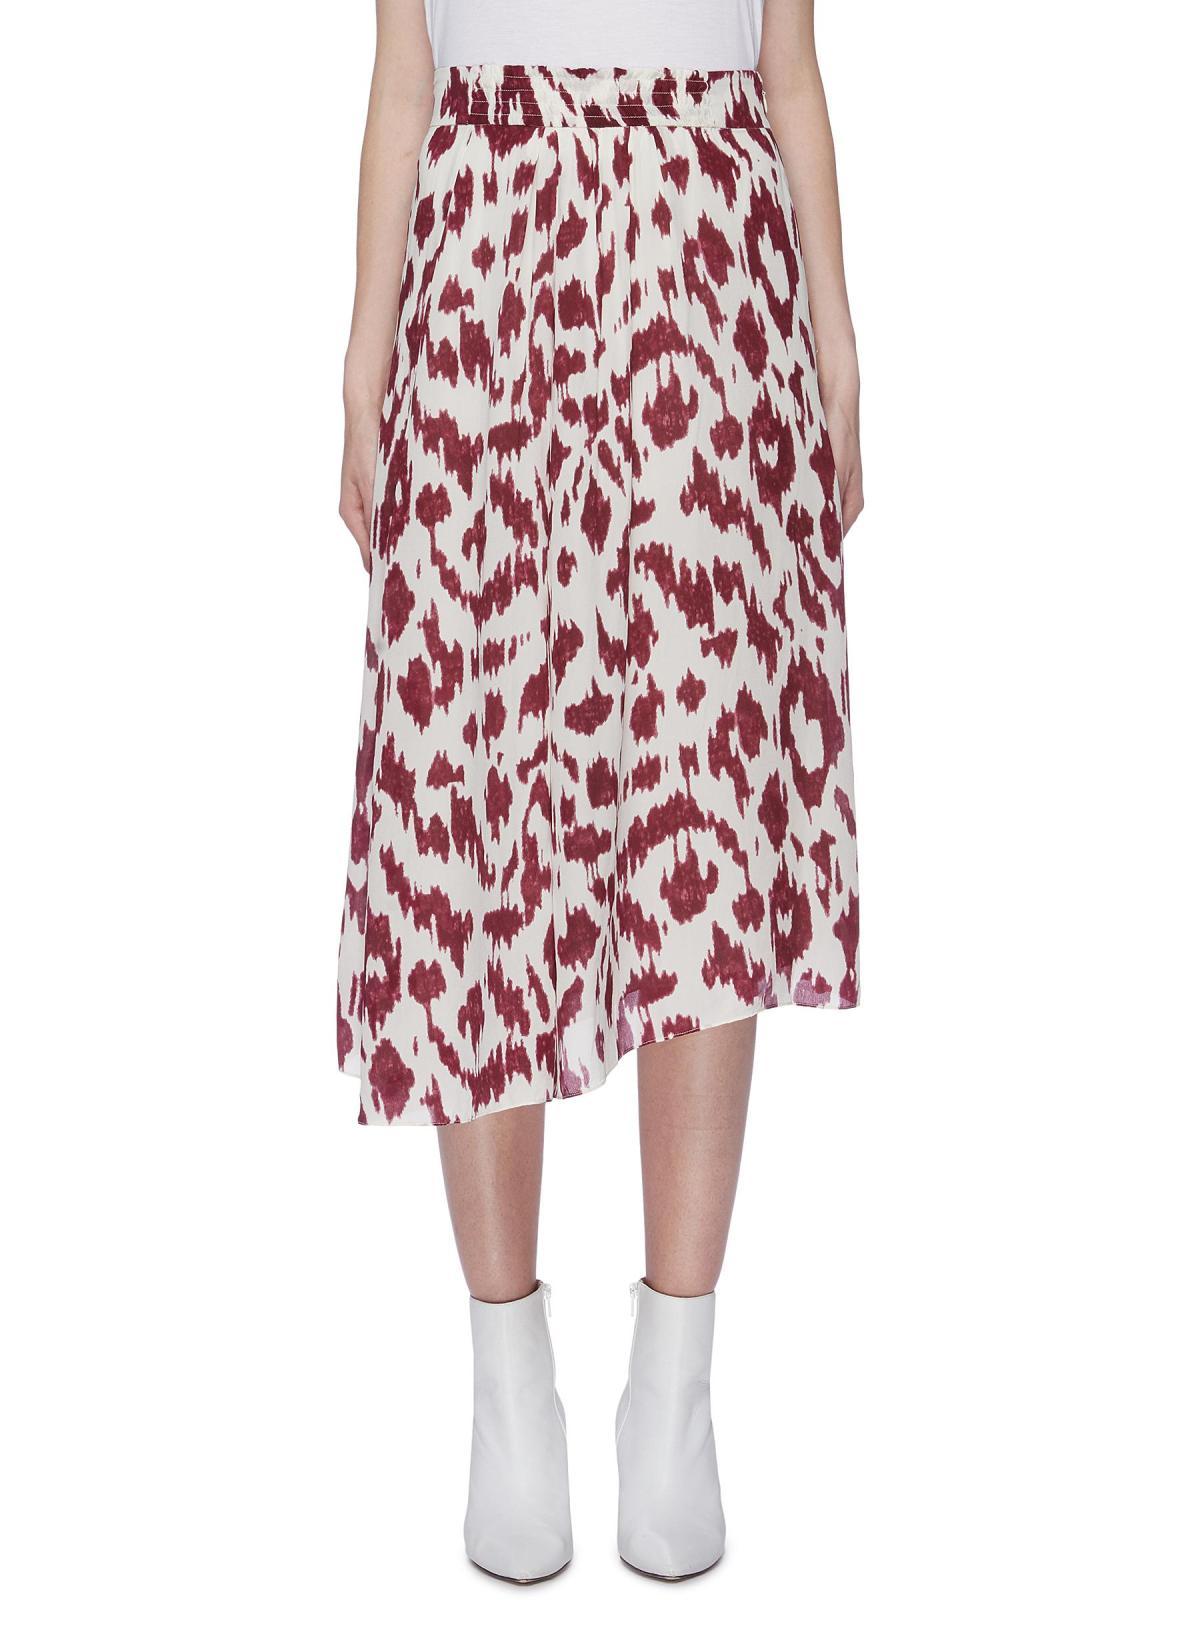 Isabel Marant Étoile 'Yeba' Leopard Print Silk Crepe Midi Skirt HKD$3,780